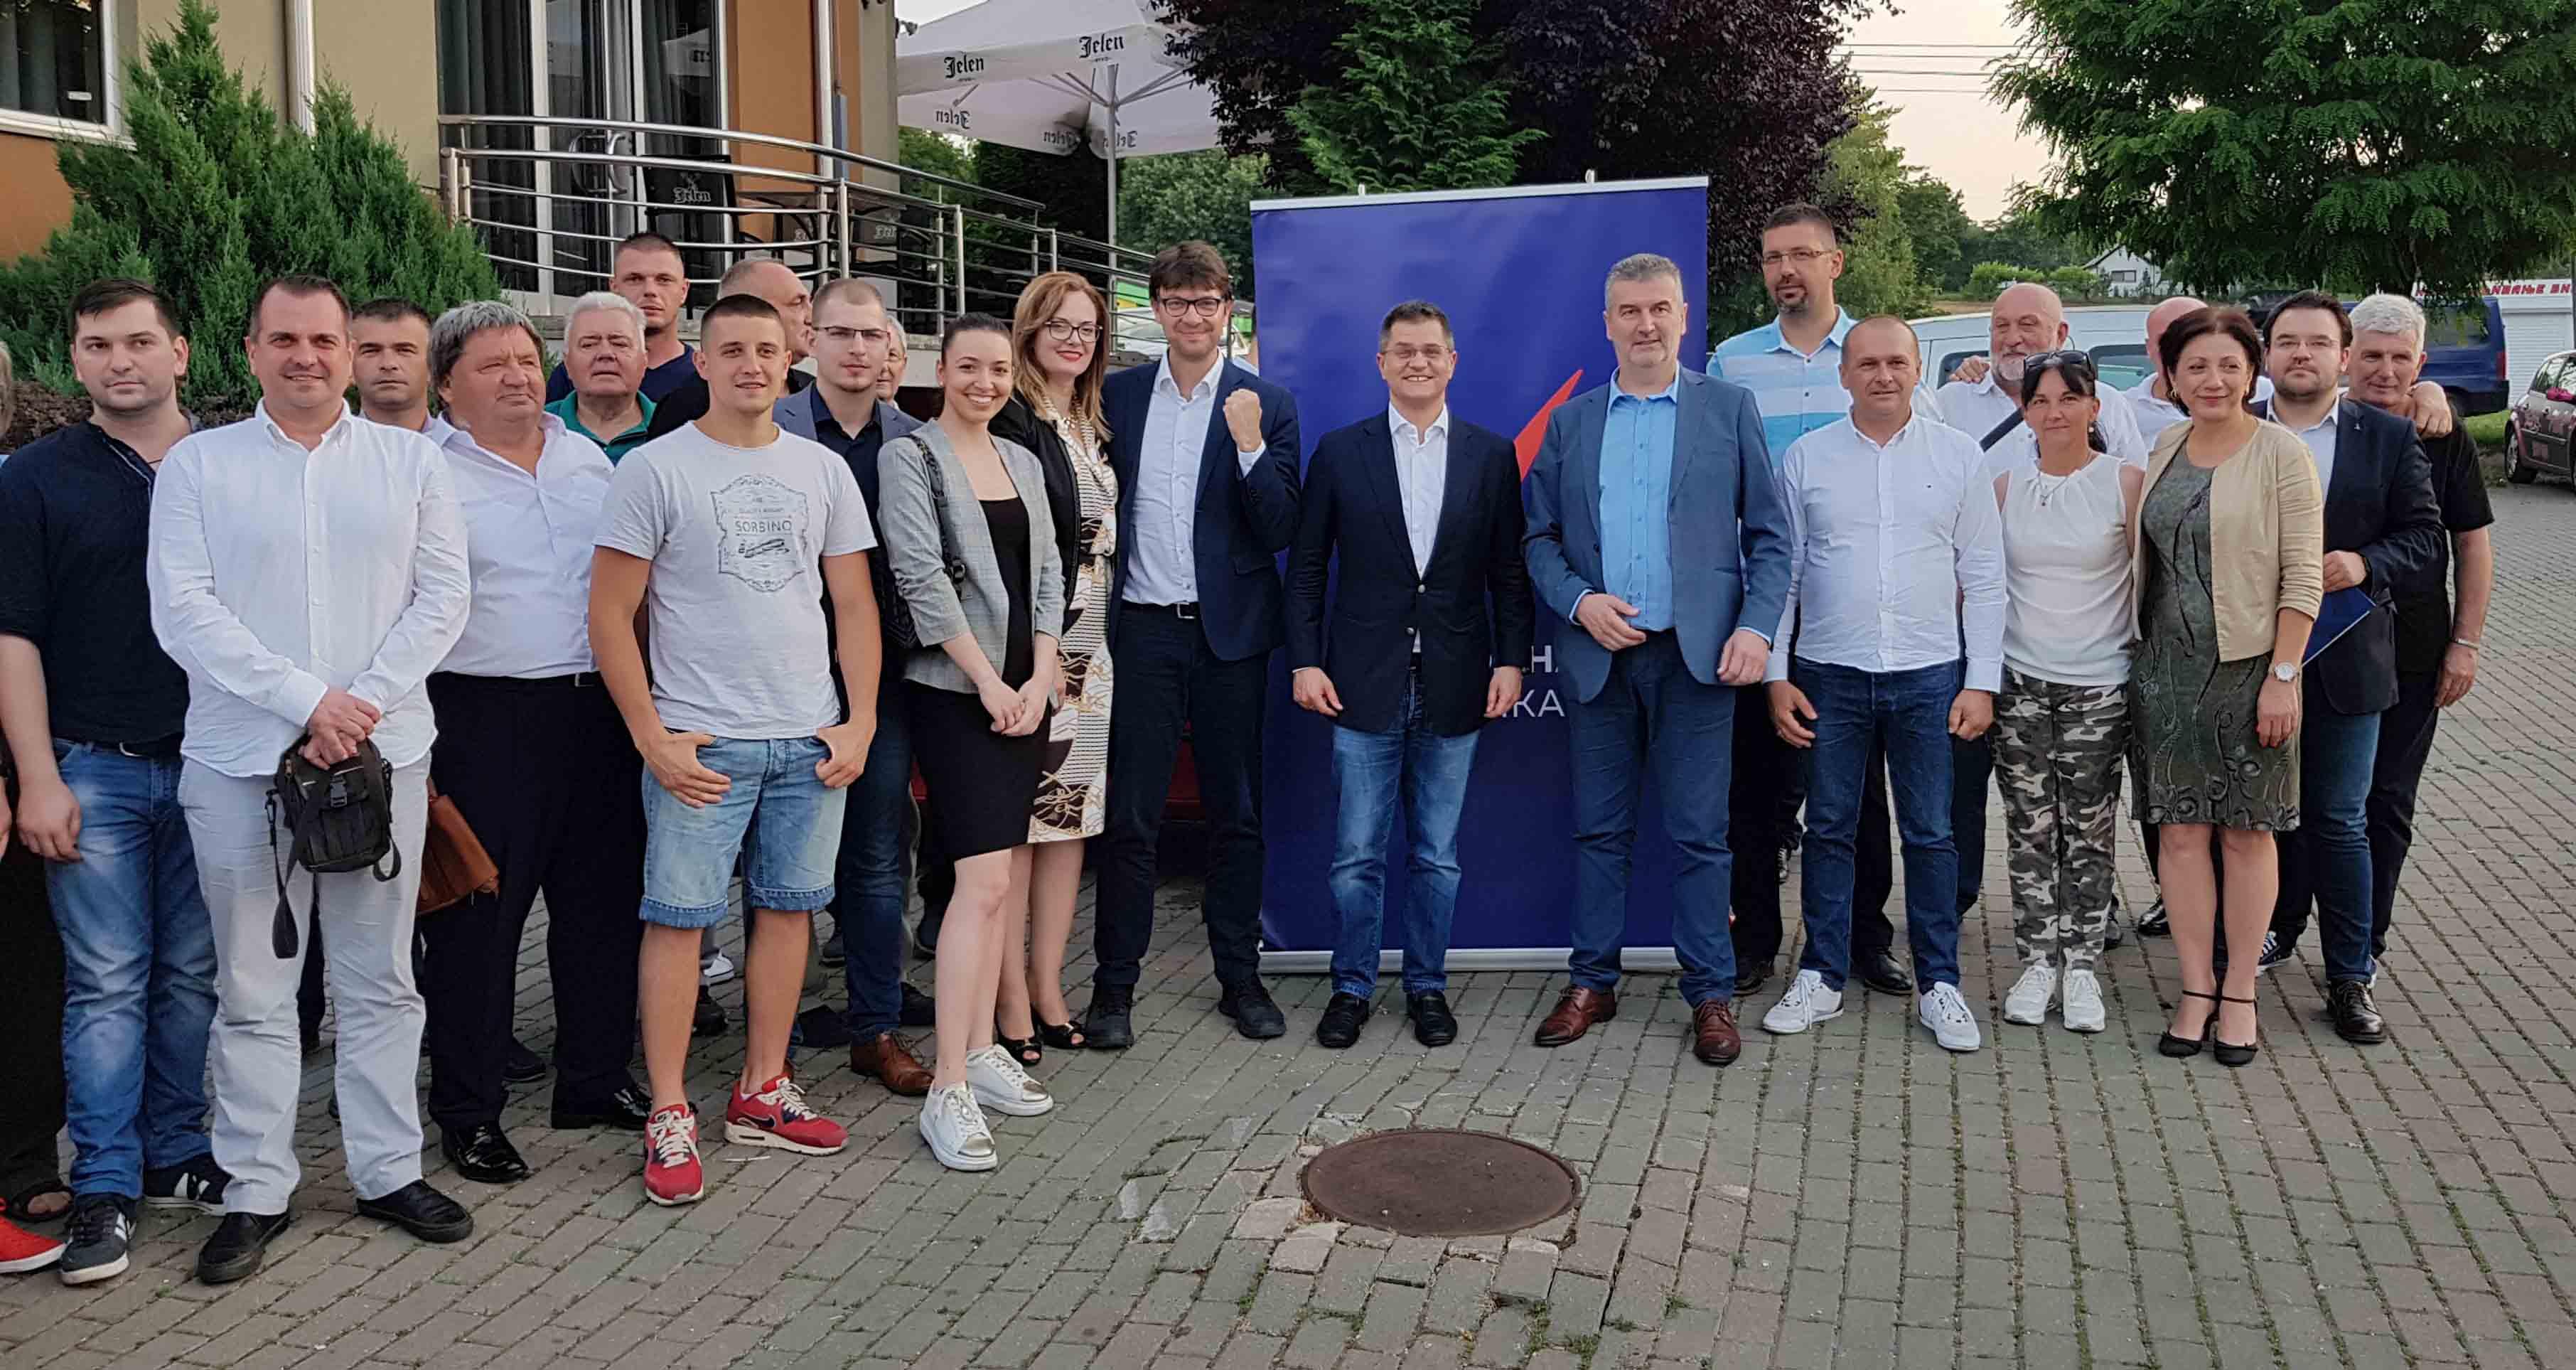 Чачак: Основан Градски одбор Народне странке, председник Александар Радојевић